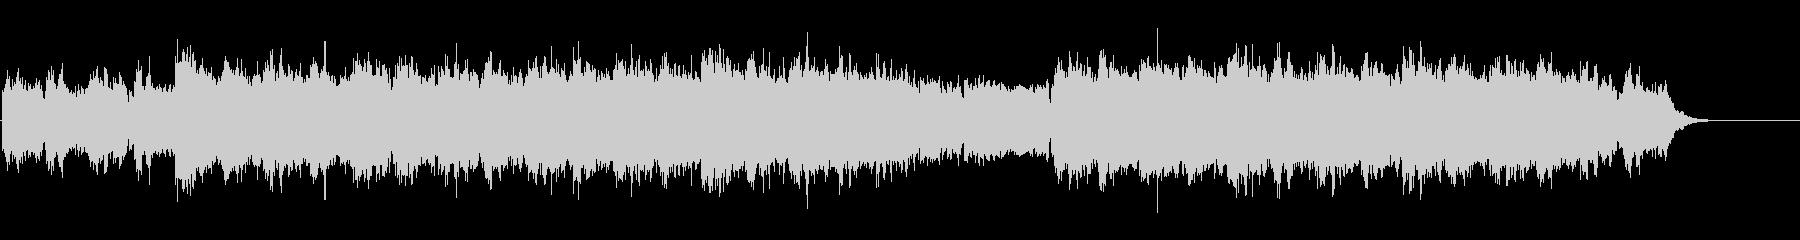 冬の夜を想起させるCill musicの未再生の波形